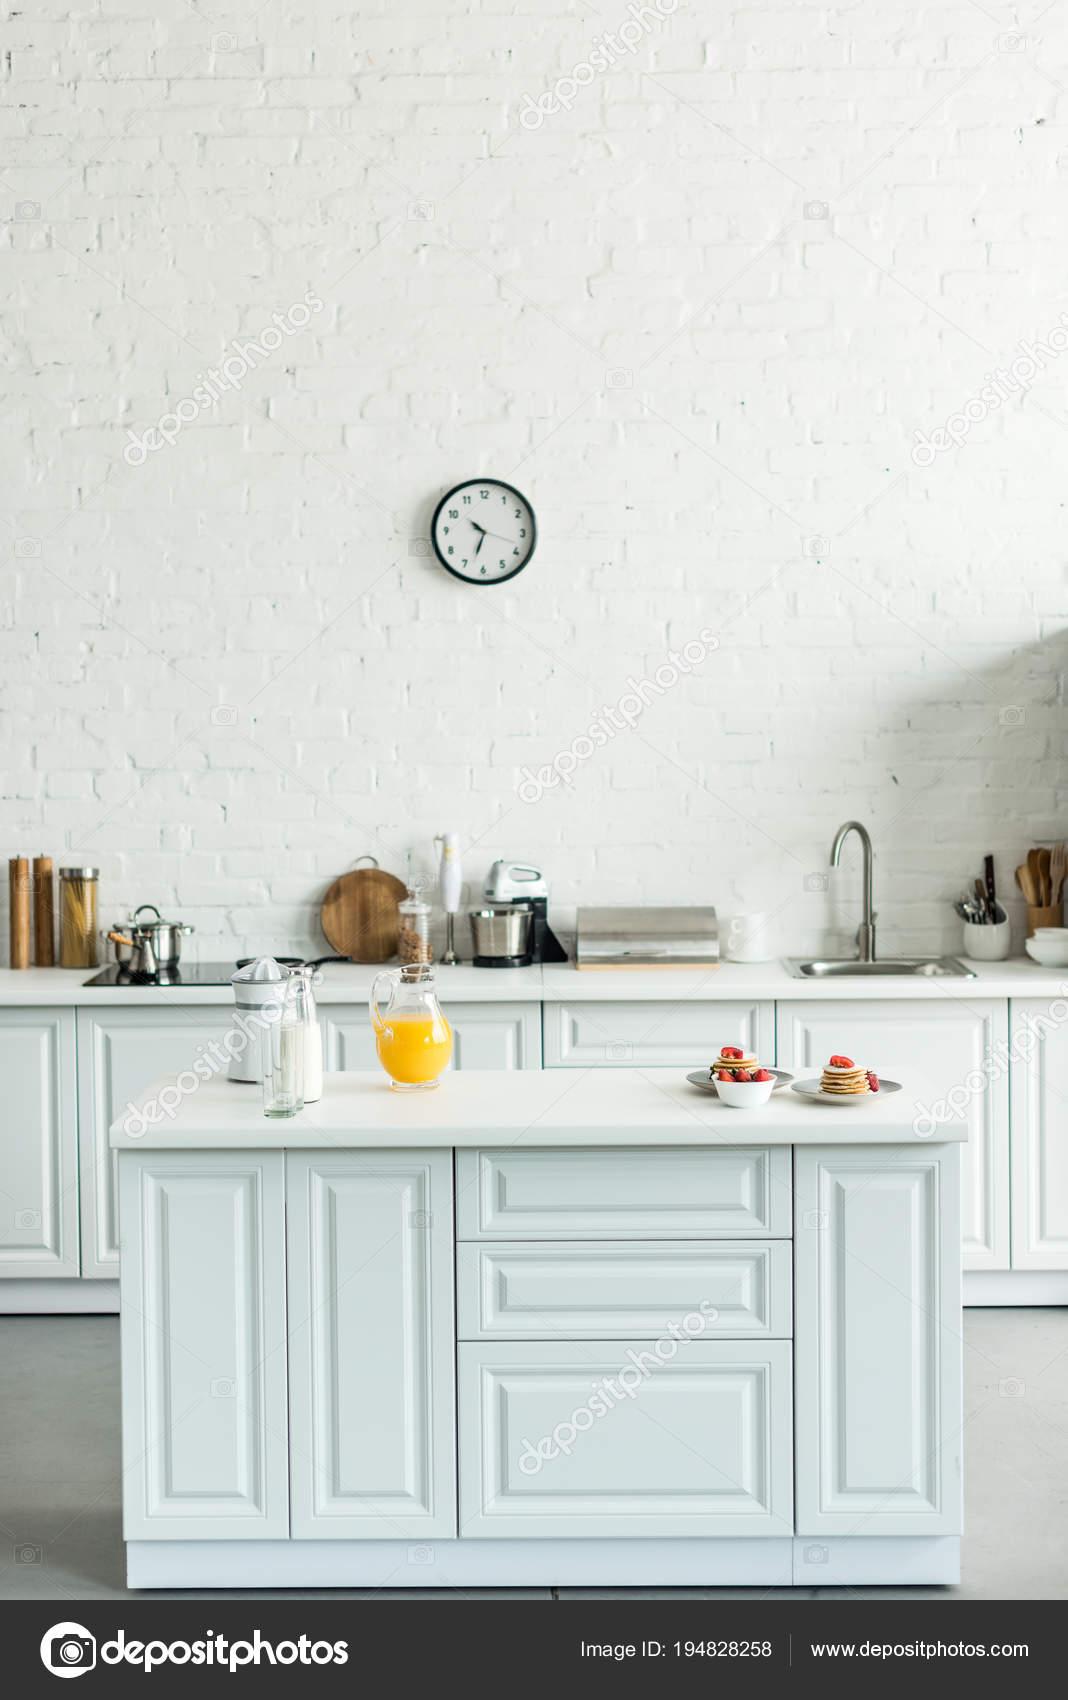 kitchen counter wall storage 现代光厨房的内部与薄饼和橙汁在厨房柜台 图库照片 c vitalikradko 194828258